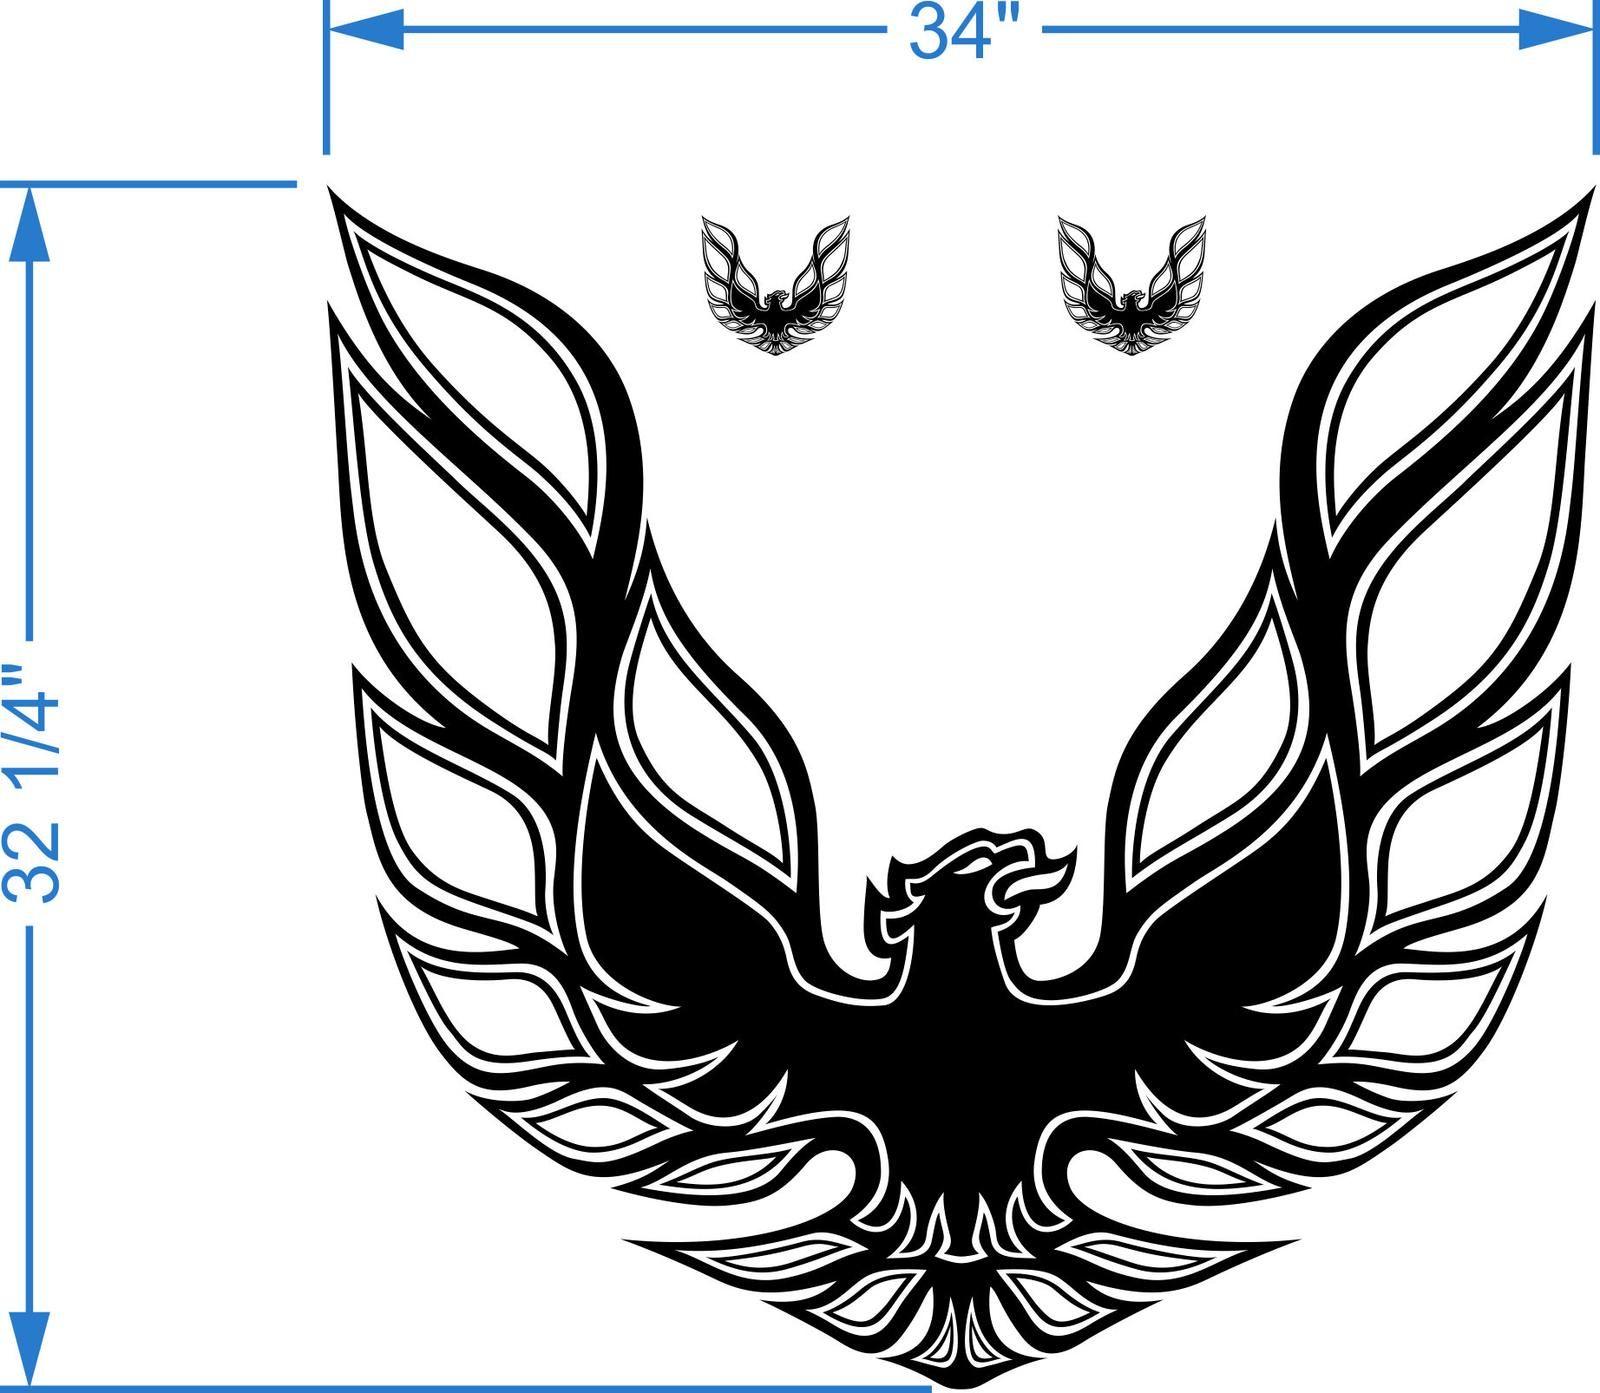 Kit Firebird Trans Am Hood Bird Decal Graphic Pontiac.